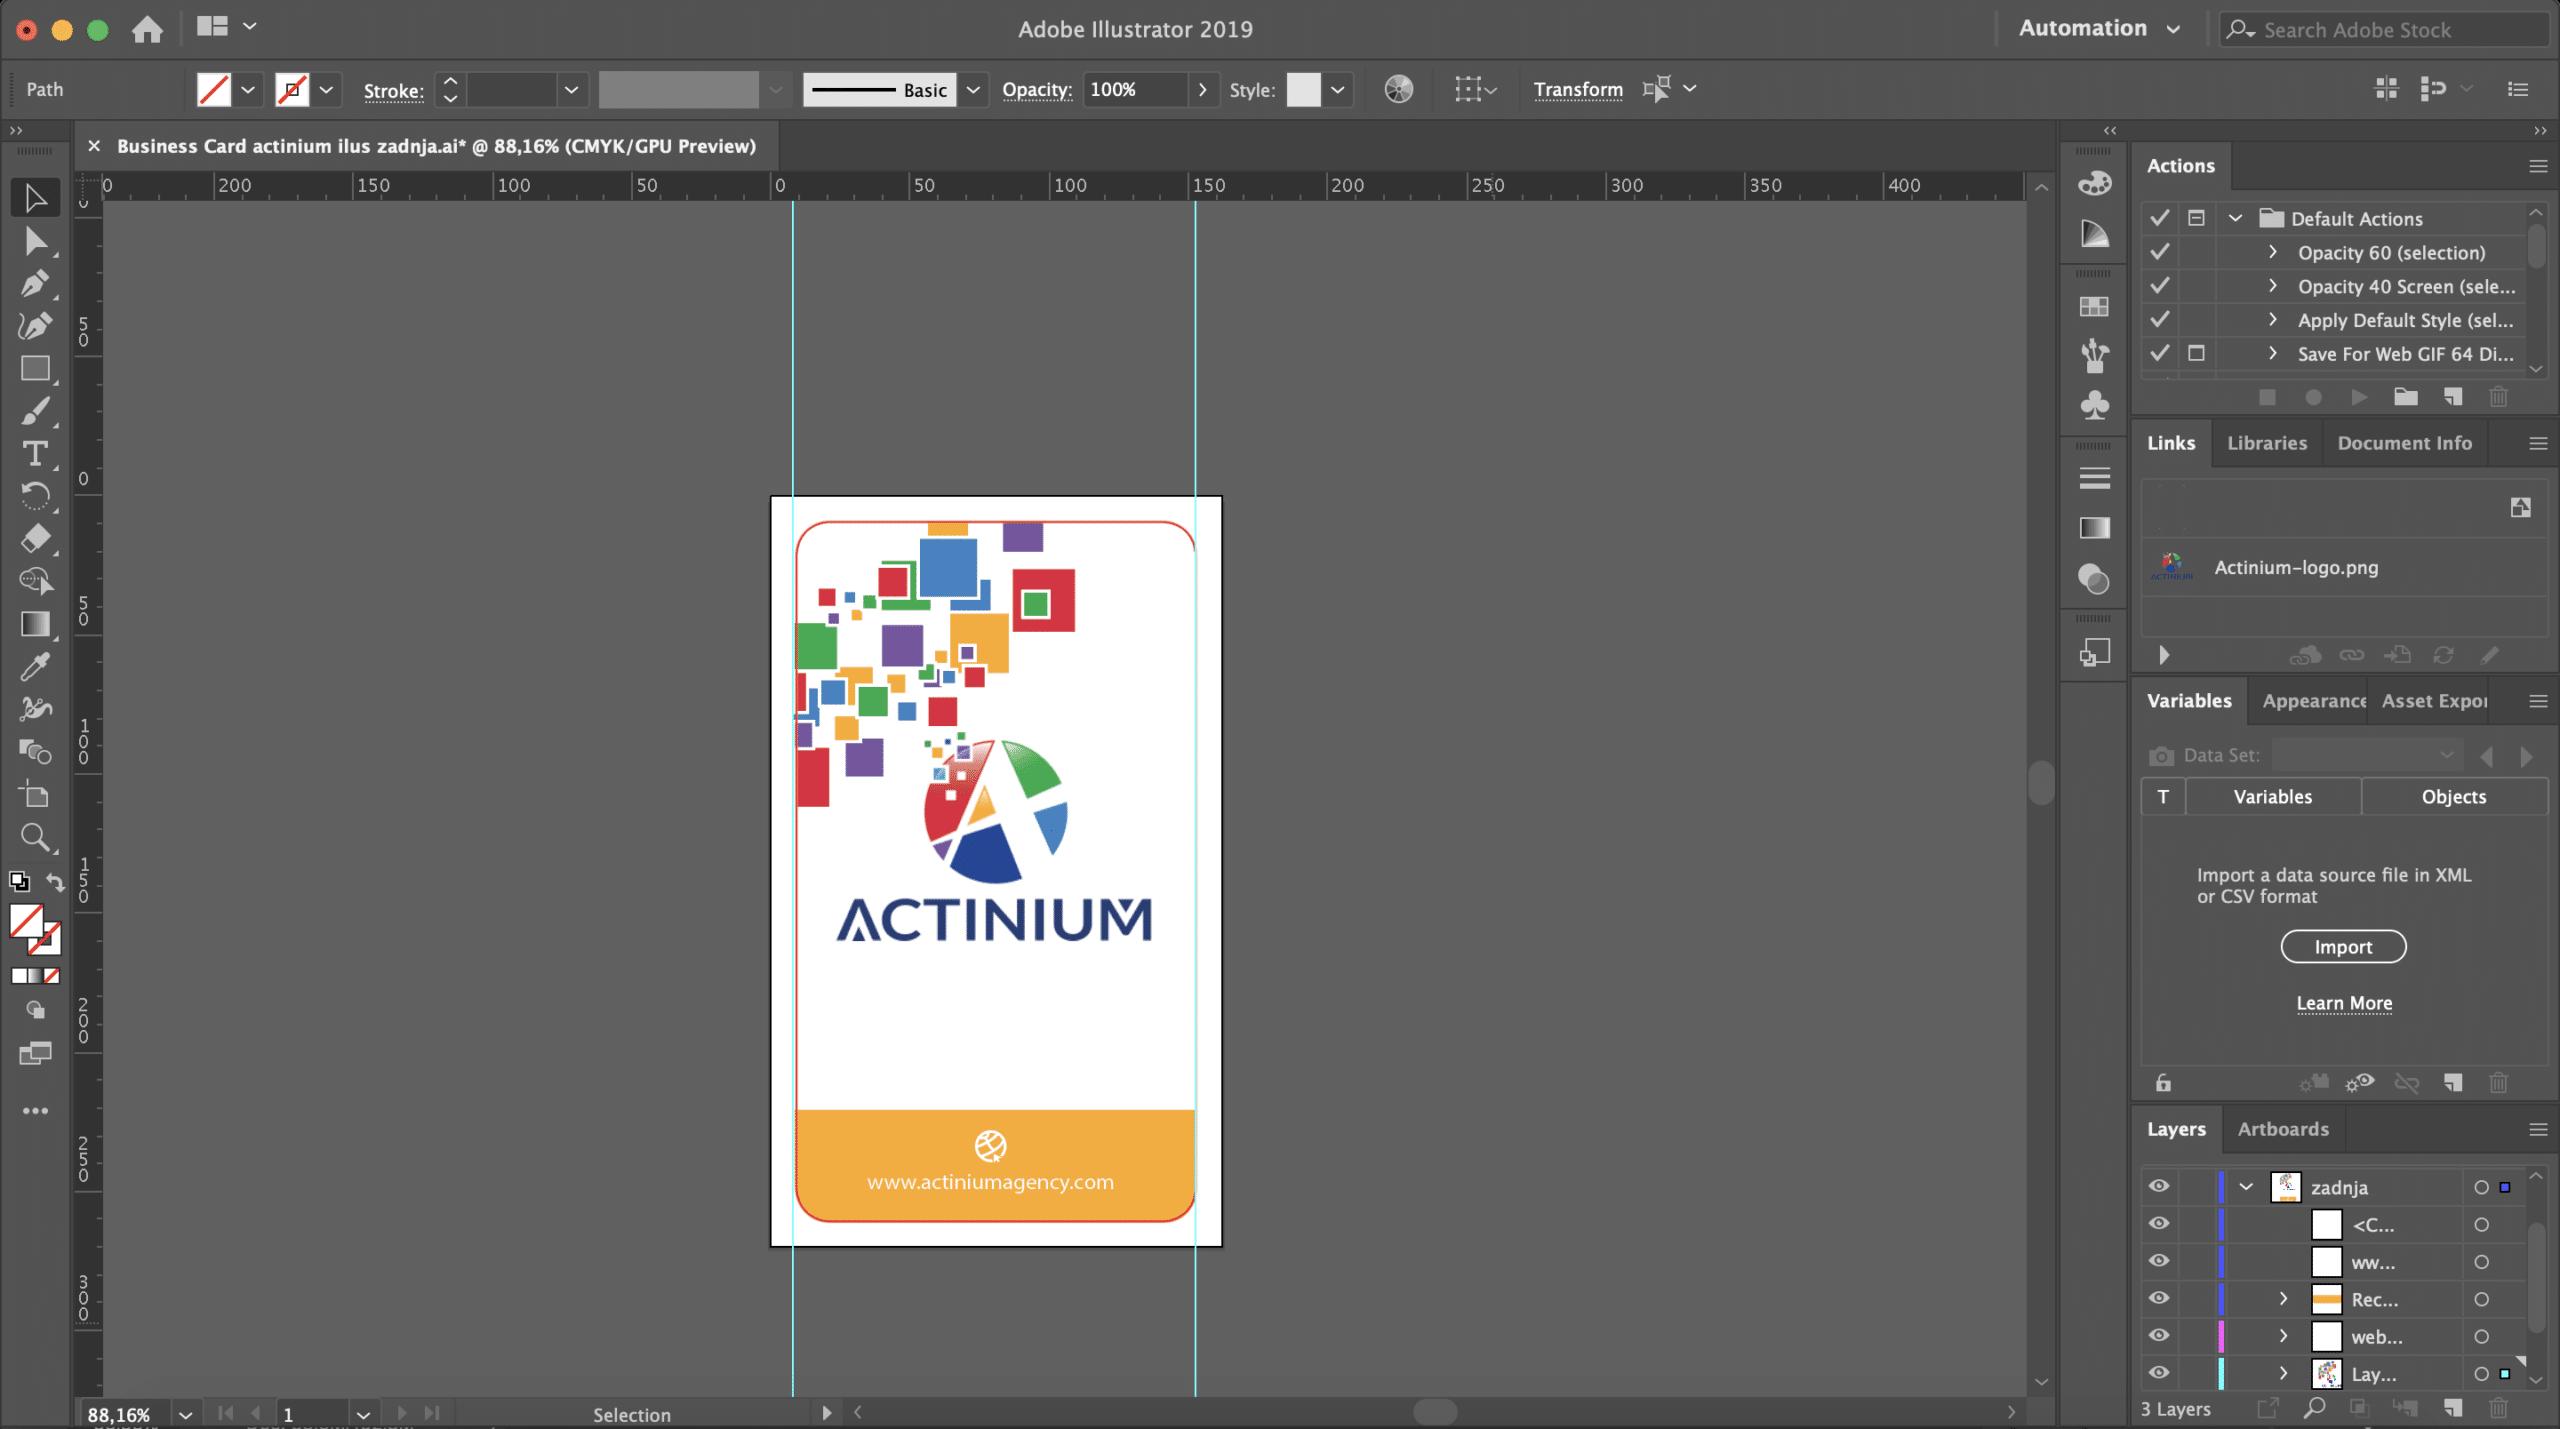 Actinium Business Card